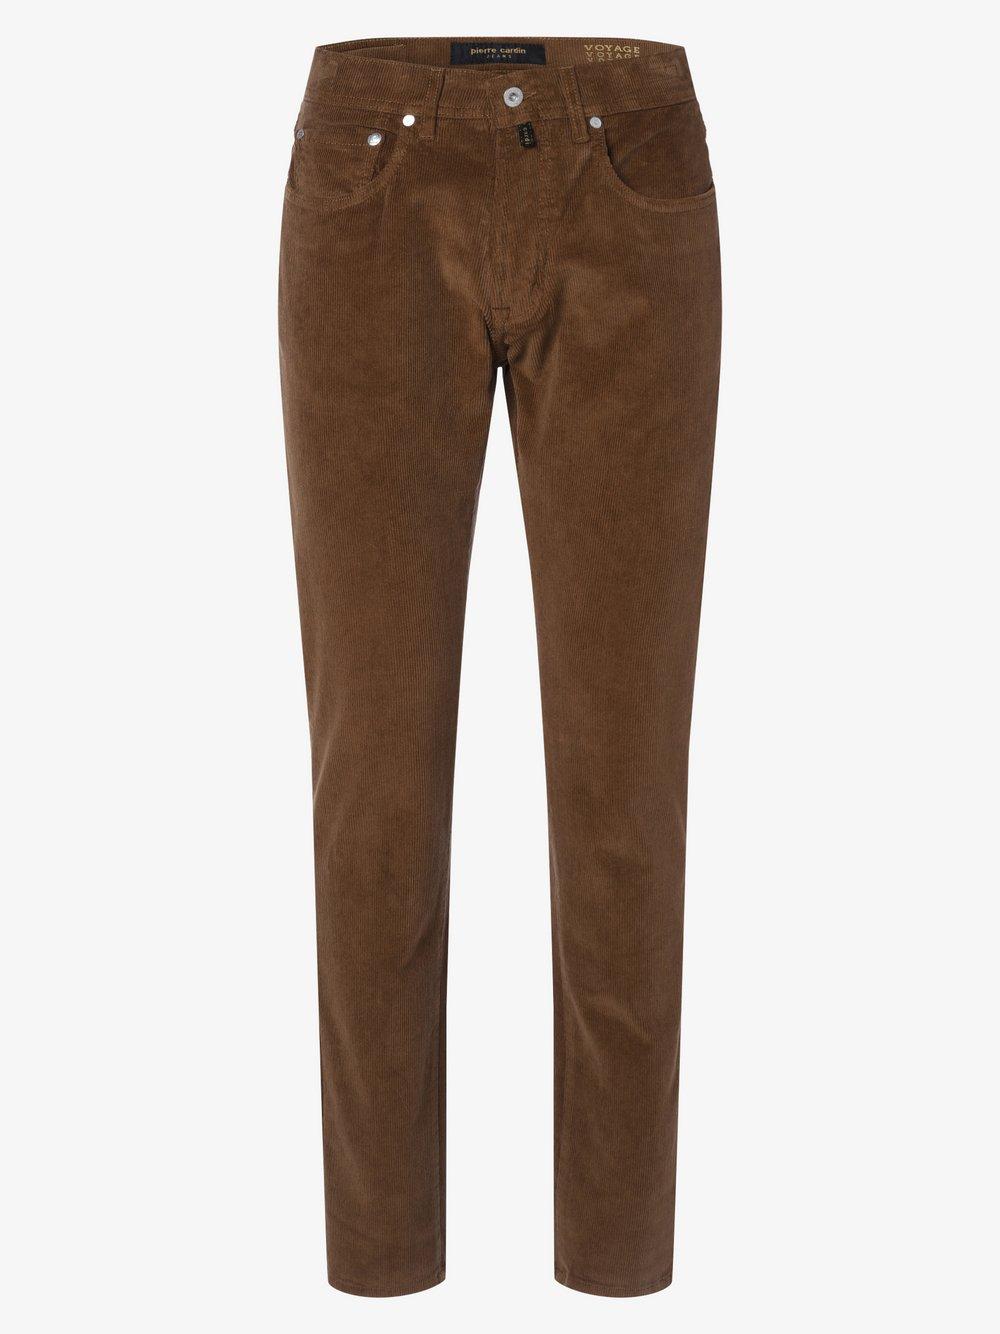 Pierre Cardin - Spodnie męskie – Lyon, beżowy